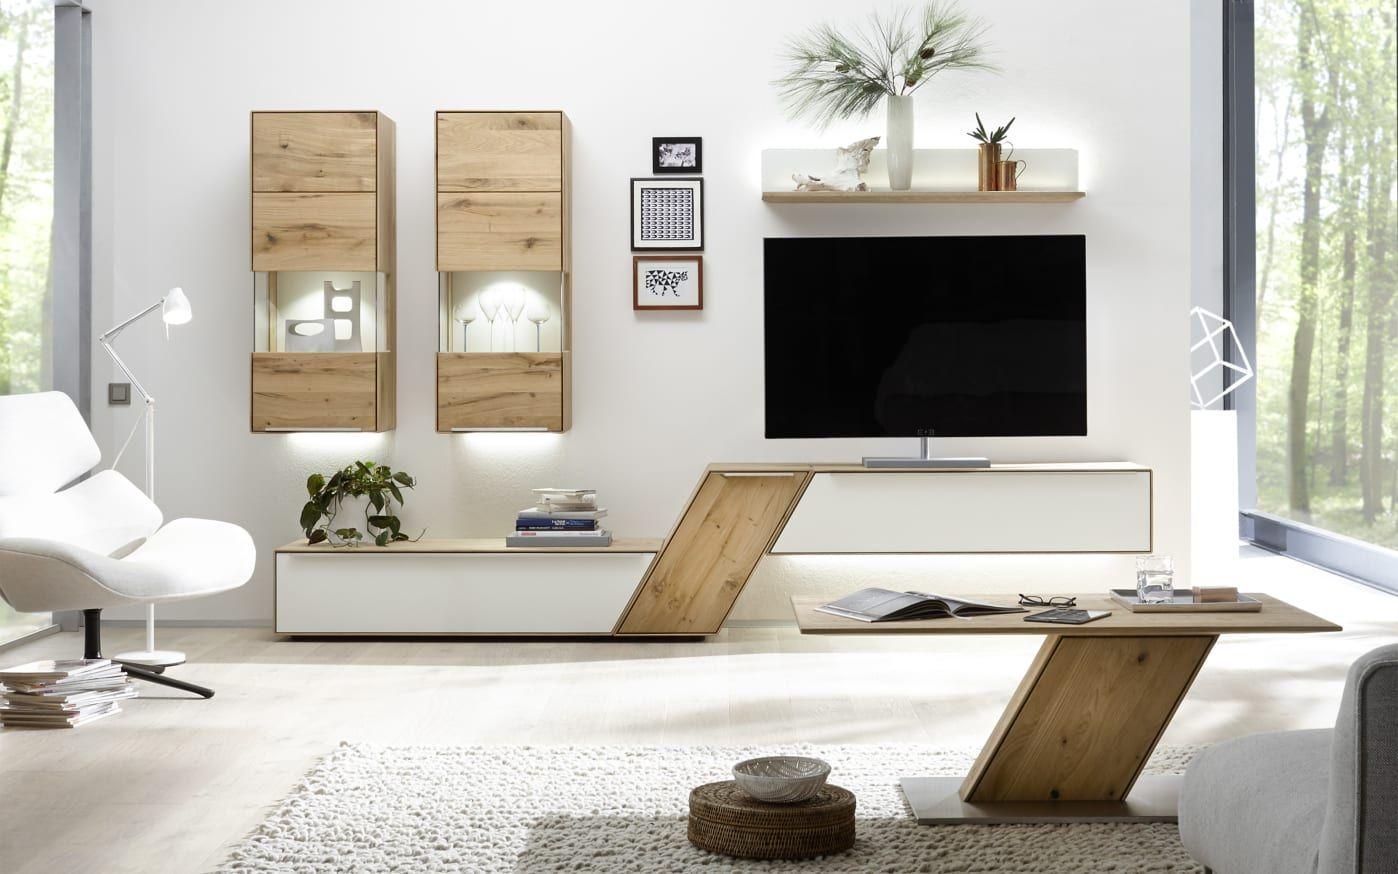 Wohnwand Ramos in Asteiche massiv bianco, gebürstet online bei HARDECK kaufen in 2020   Living ...